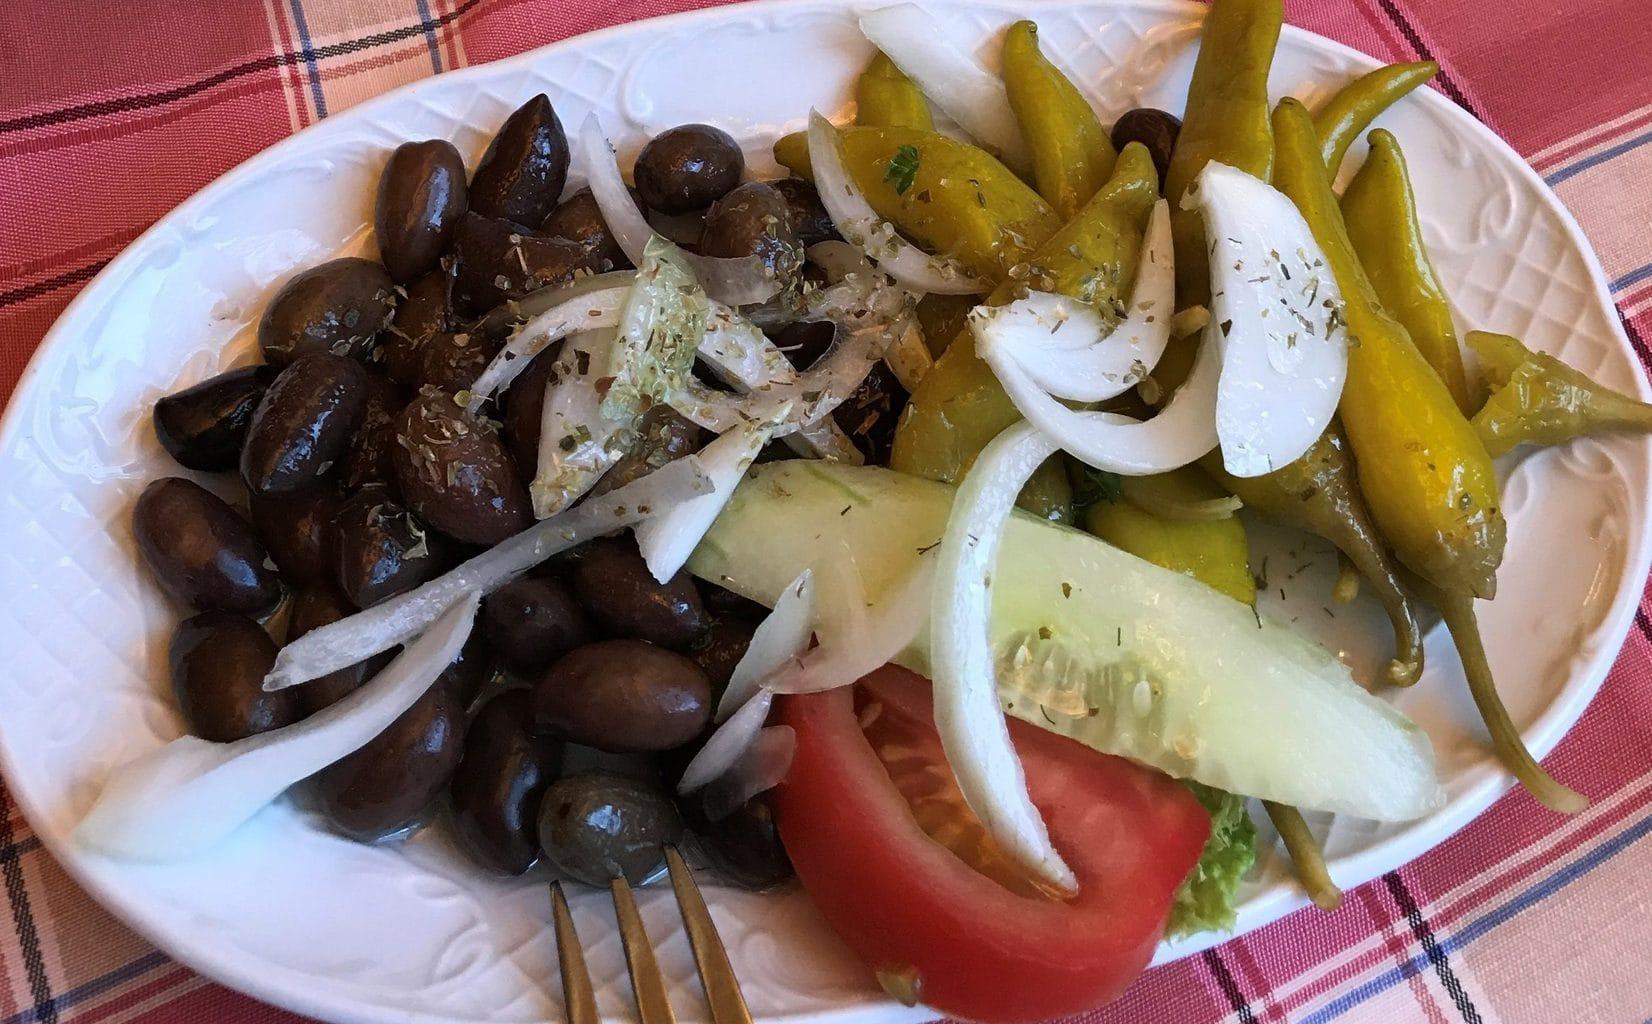 De keuken van de Griek zou beter zijn dan die van de sterrenrestaurants...